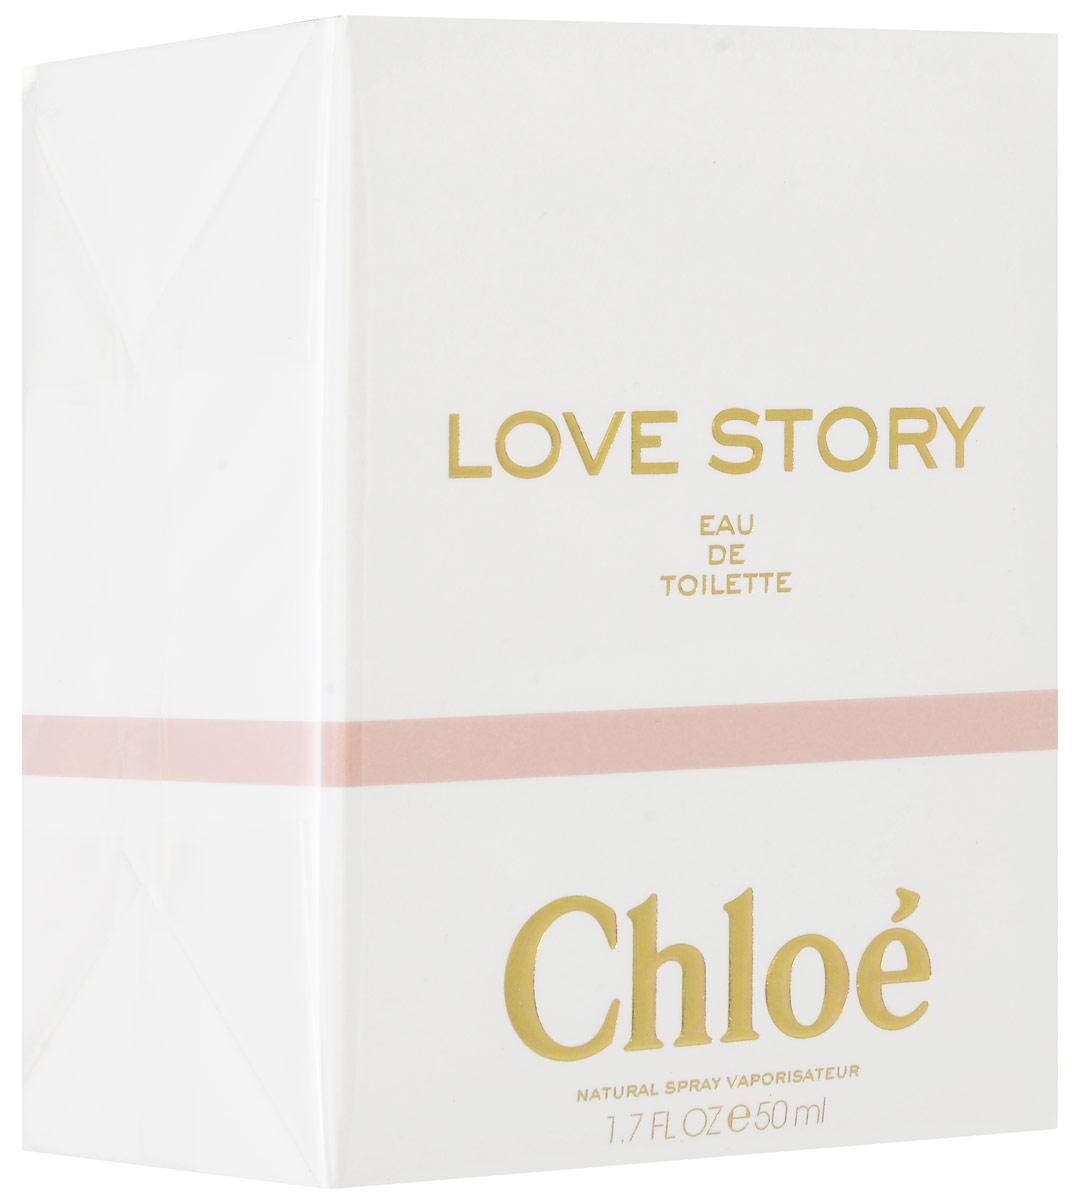 Chloe Love Story  Туалетная вода женская 50 мл64990441000Особенное утро, наполненное сверкающим светом. Нежный цветочный аромат бутонов апельсина сливается со свежестью утренней росы. Она вспоминает их смех. Искры настурции, легкая перчинка - эти ноты заставляют ее трепетать от неги. Этот цветок - символ любви, который дается лишь тому, кто готов открыть своё сердце. Воспоминания о пламенном свидании в пустом городе, они - рука об руку. Настоящая близость. Цветущая слива раскрывает природную чувственность. Невероятно изысканное звучание, обрамленное цветочными нотами. Туалетная вода Chloe Love Story - это новая история любви. Свежий, цветочный и очень чувственный аромат. Чистый соблазн, нанесенный на кожу. Верхняя нота: Бергамот; ноты сердца: Апельсин, Слива, Настурция, Ландыш. Средняя нота: Роза. Шлейф: белый мускус. Цветущая слива раскрывает природную чувственность. Дневной и вечерний аромат.Краткий гид по парфюмерии: виды, ноты, ароматы, советы по выбору. Статья OZON Гид